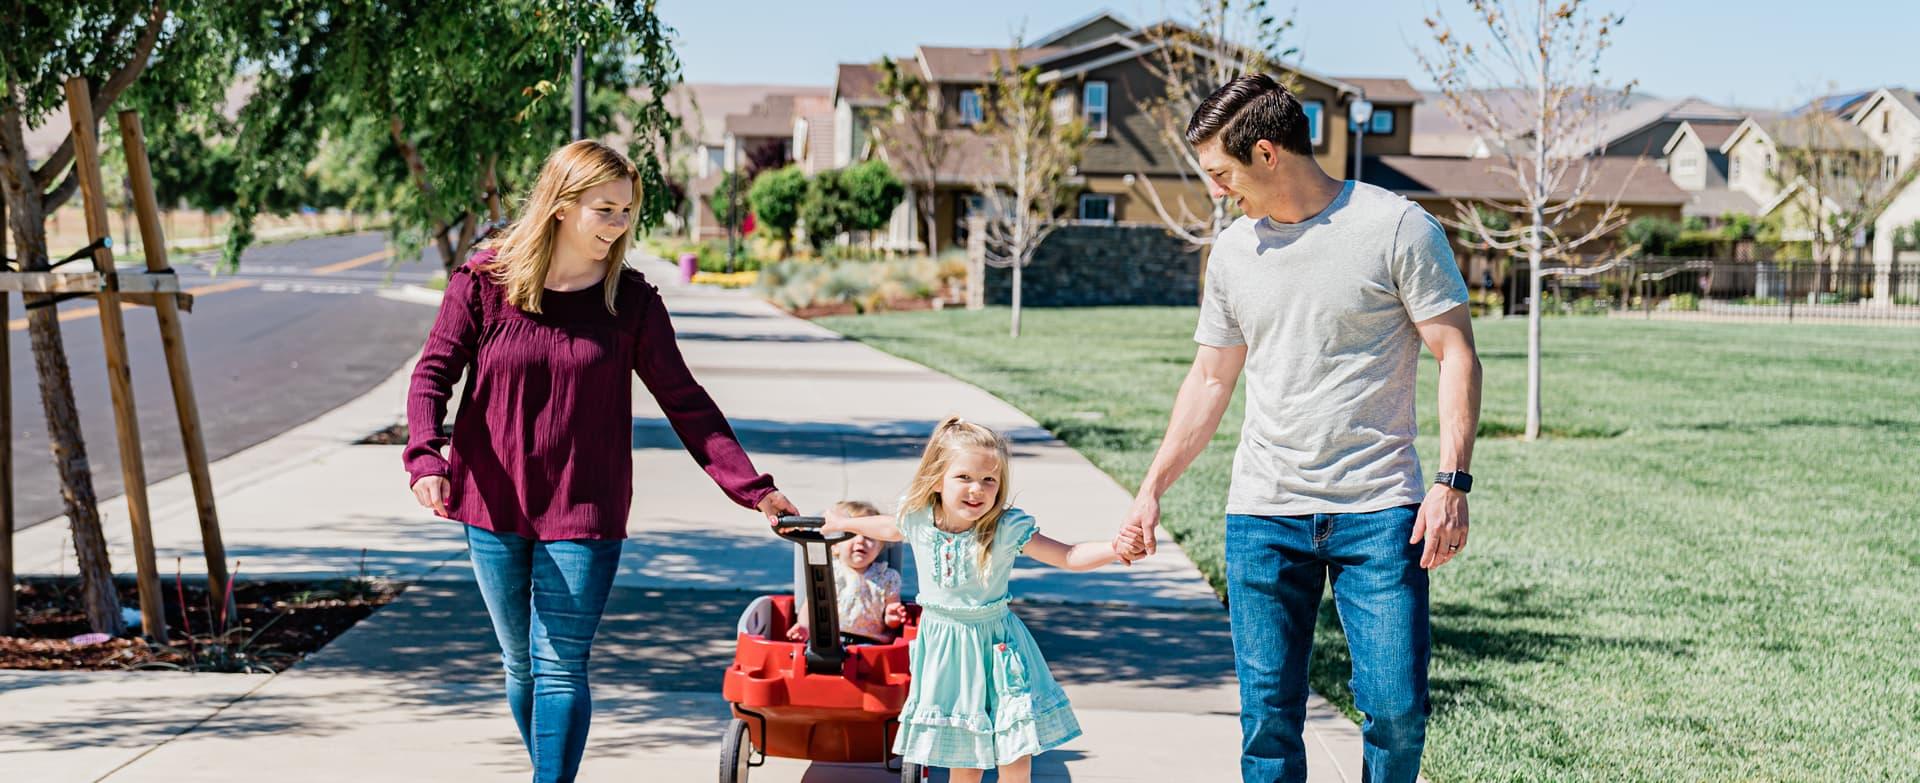 family walking on sidewalk at Ellis